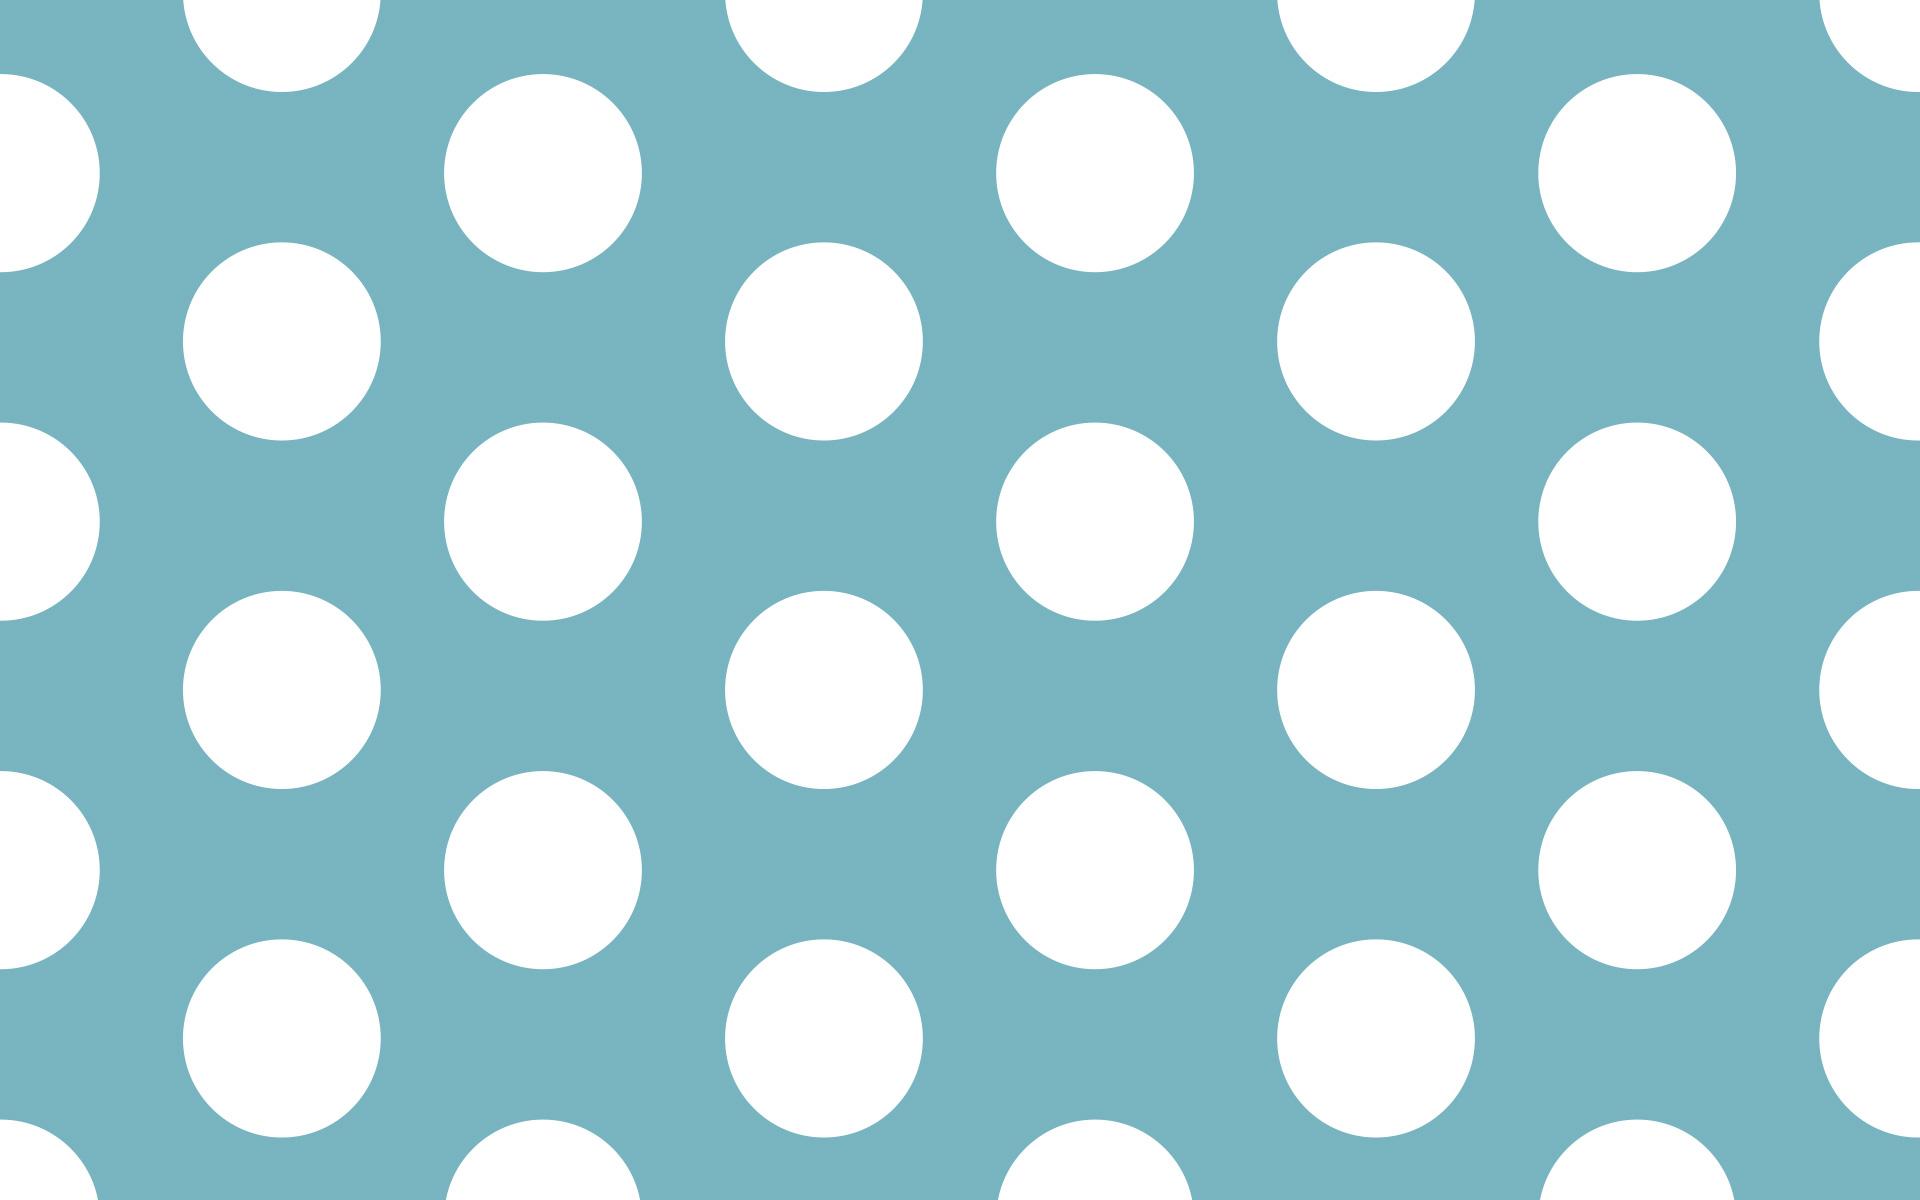 dots wallpaper wallpapersafari